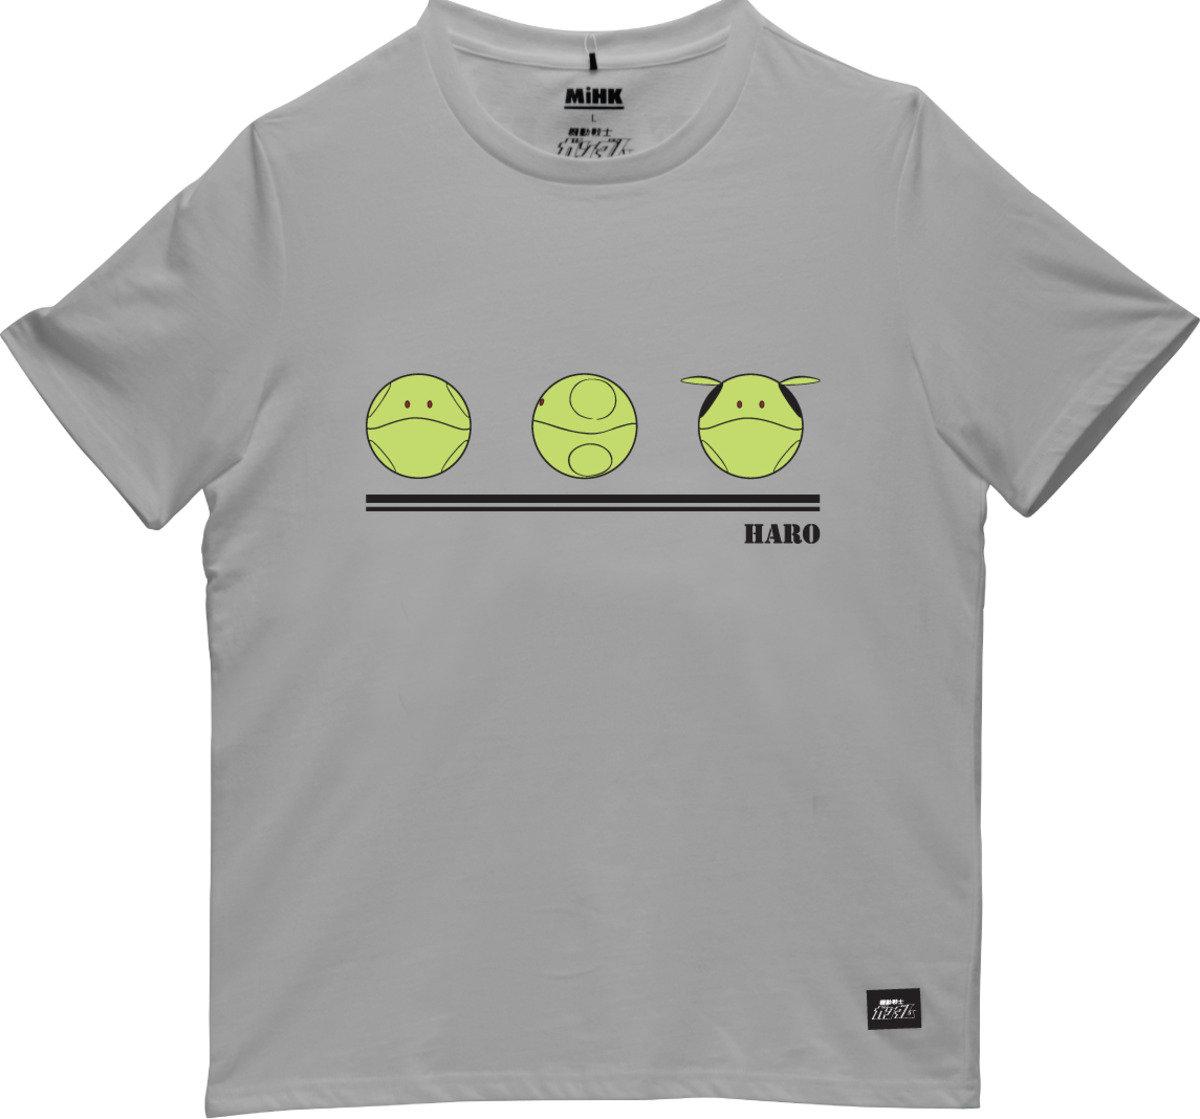 機動戰士(高達)灰色圓領短袖T恤-02